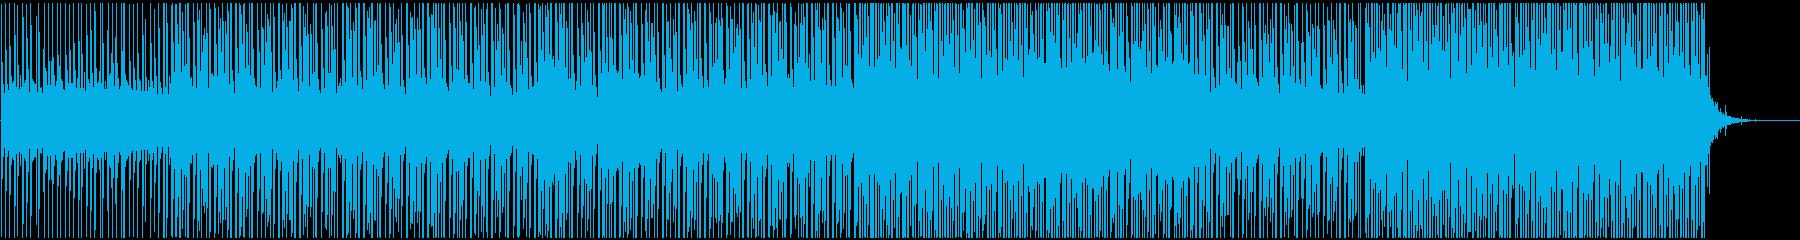 サイエンス系映像と合うの再生済みの波形